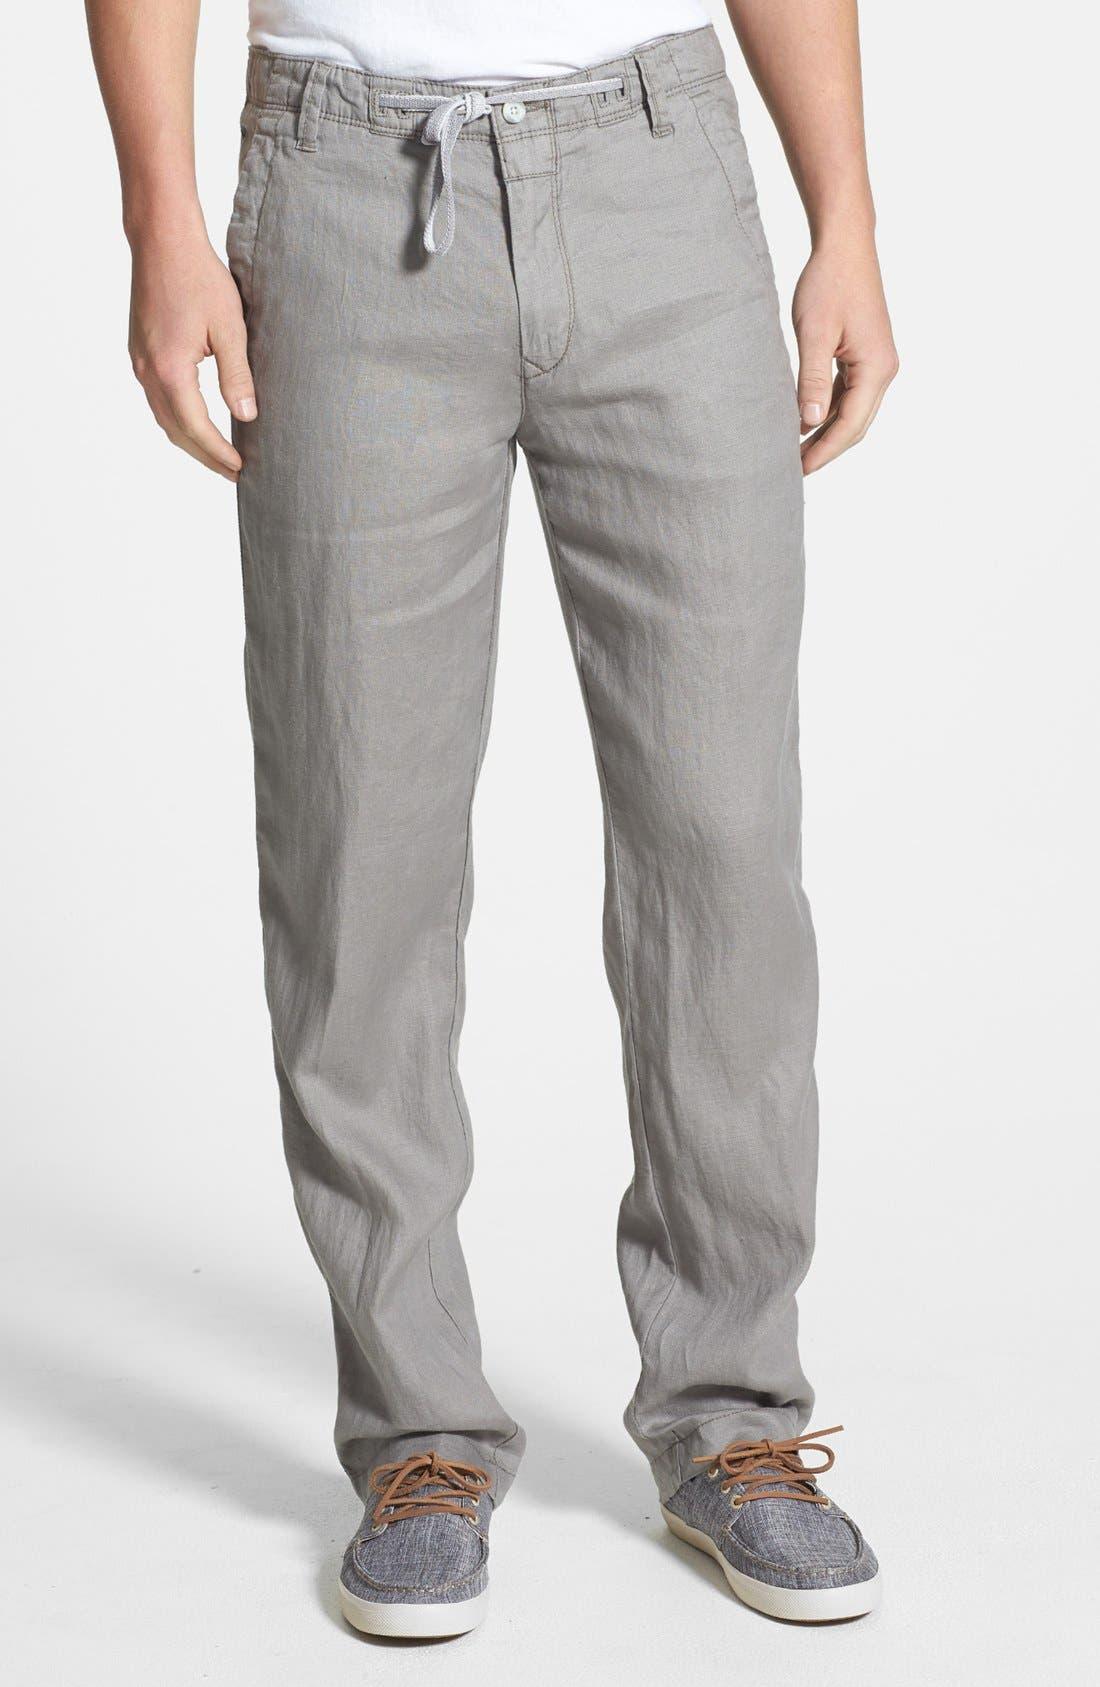 Alternate Image 1 Selected - BOSS HUGO BOSS 'Callum' Drawstring Linen Pants (Online Only)